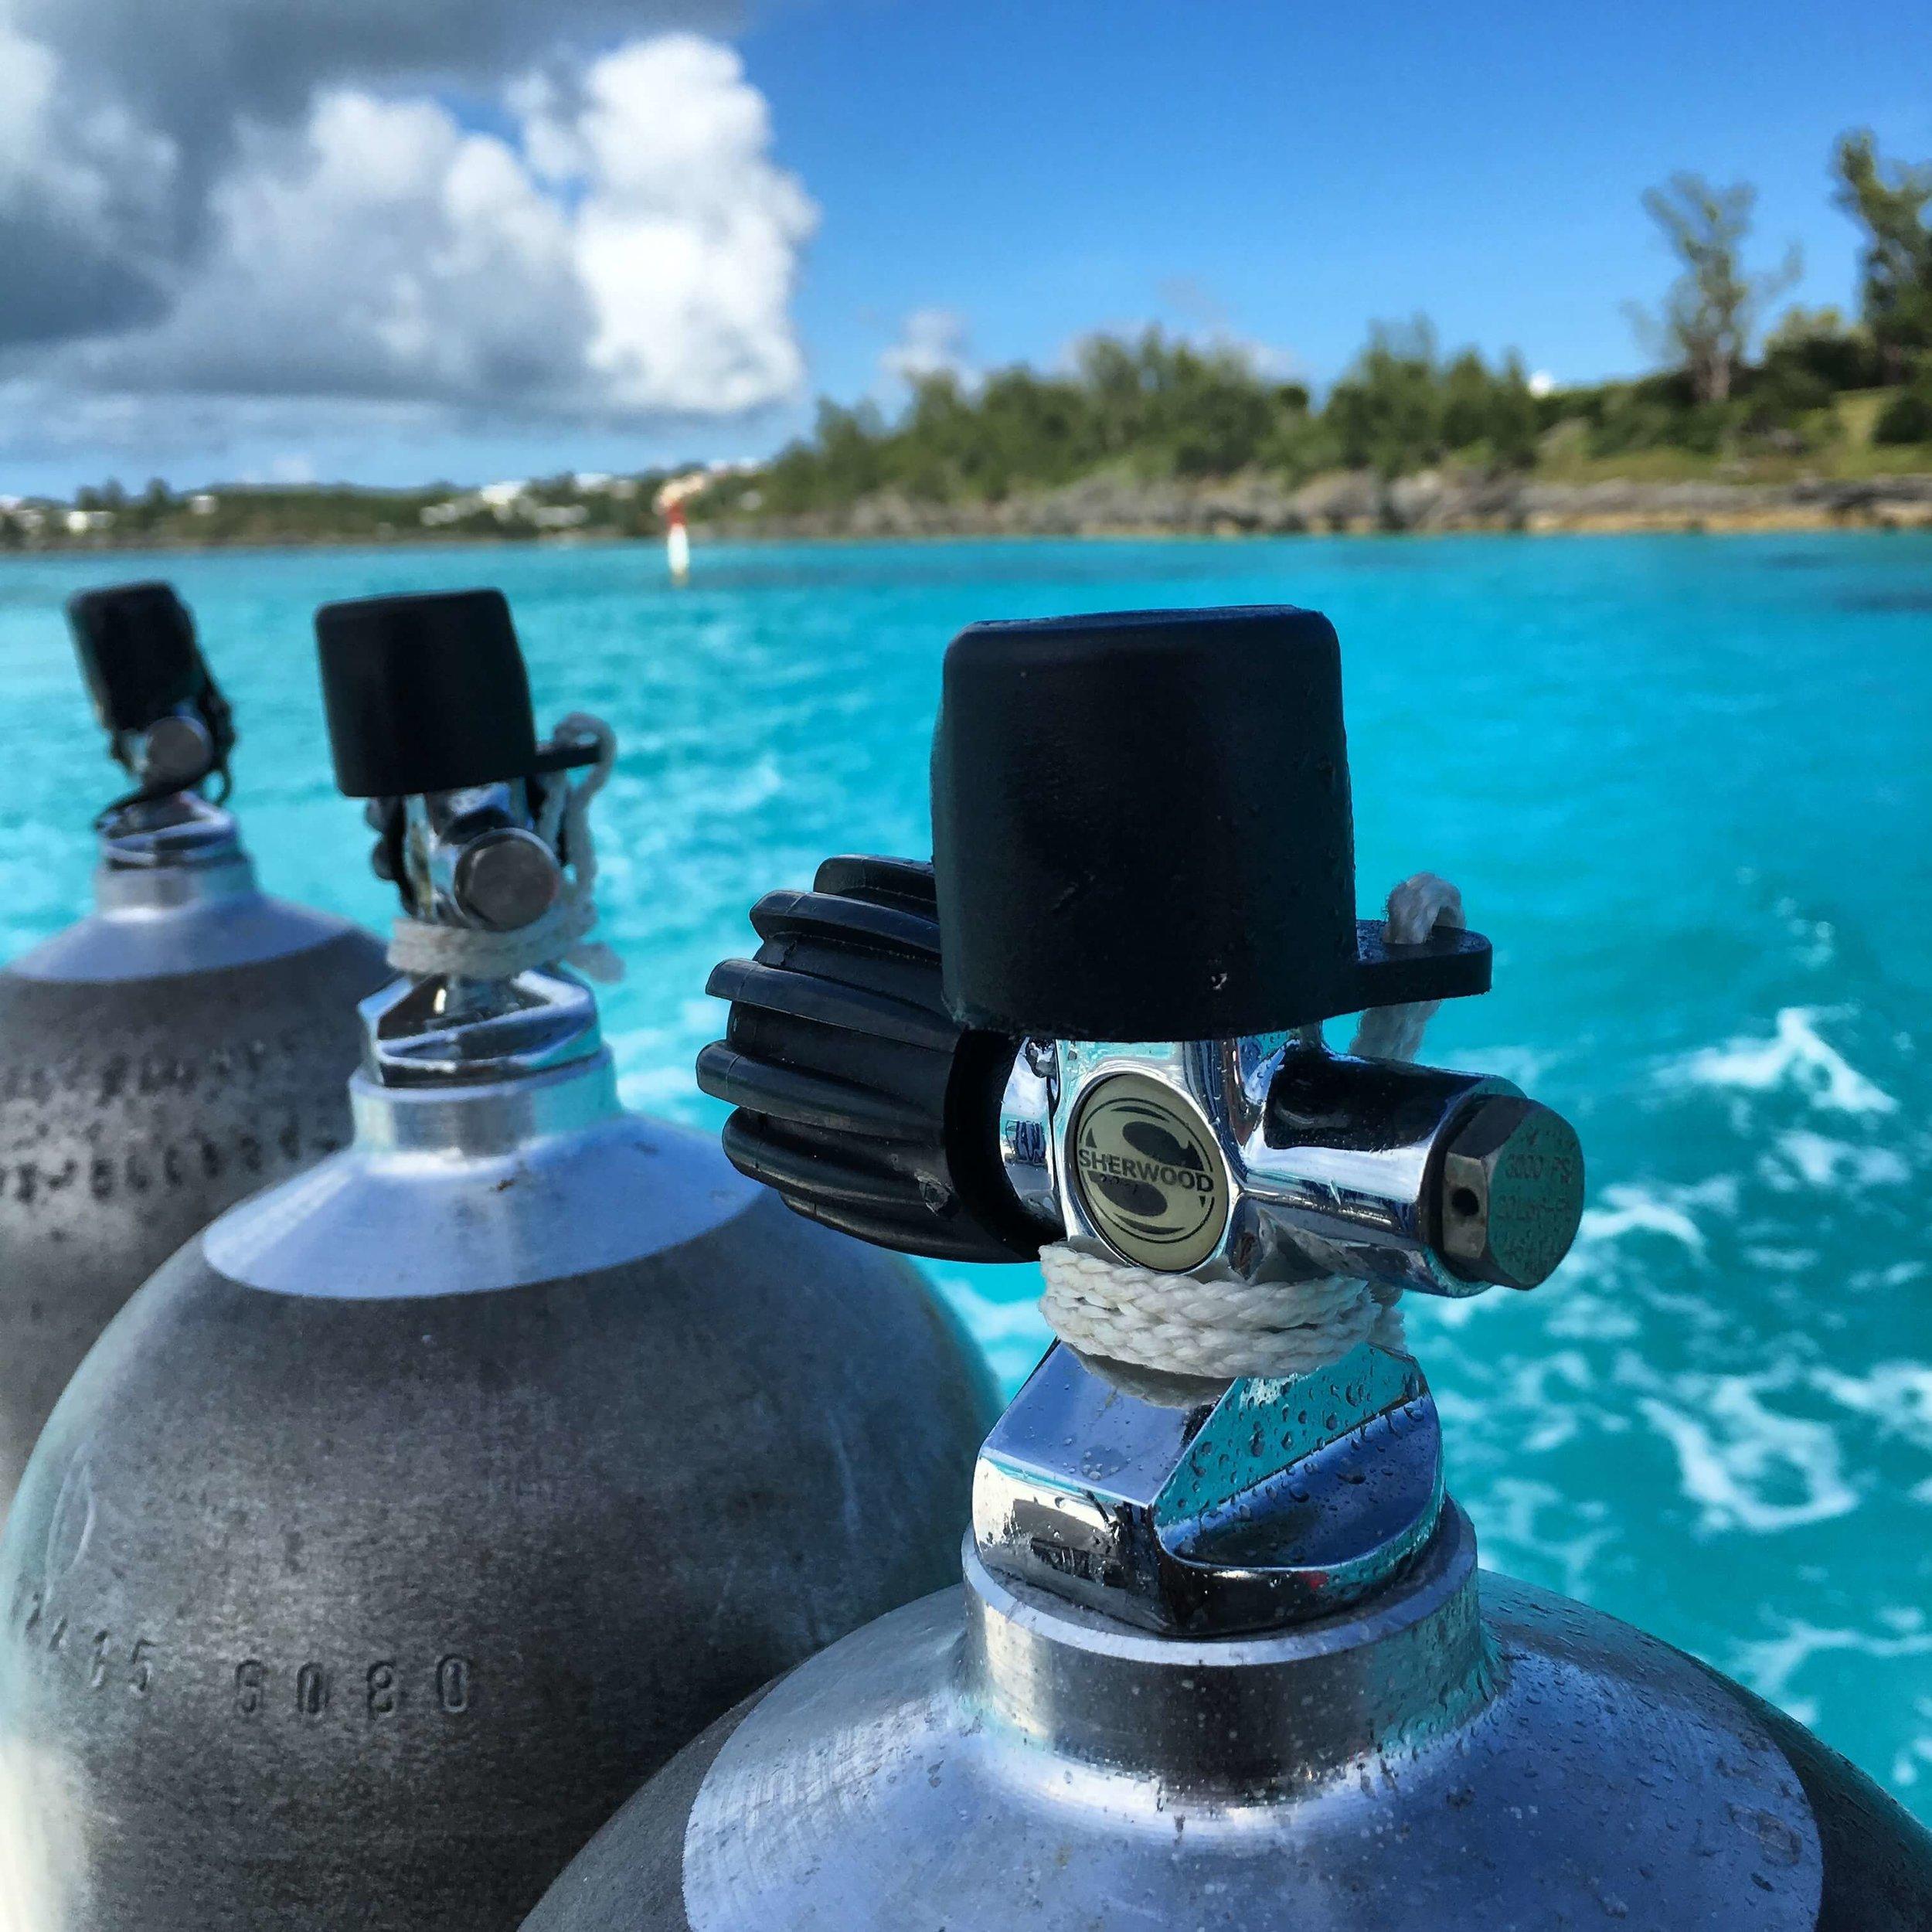 dive bermuda fairmont southampton best scuba diving PADI 5 star.jpg